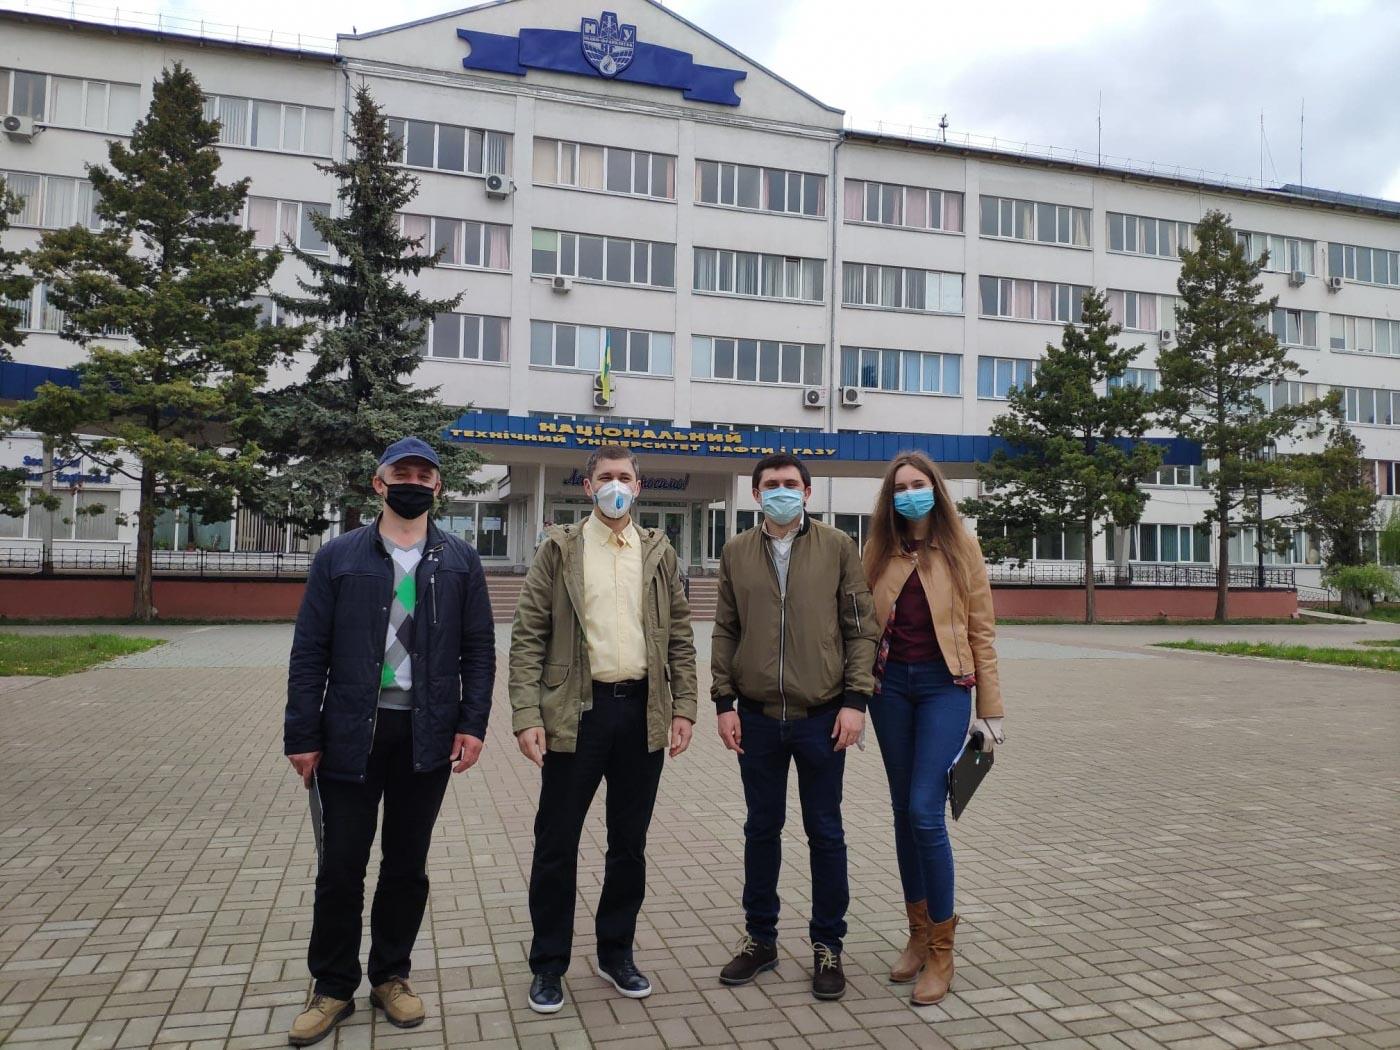 Корпуси та гуртожиток університету нафти й газу хочуть утеплити (ФОТО)